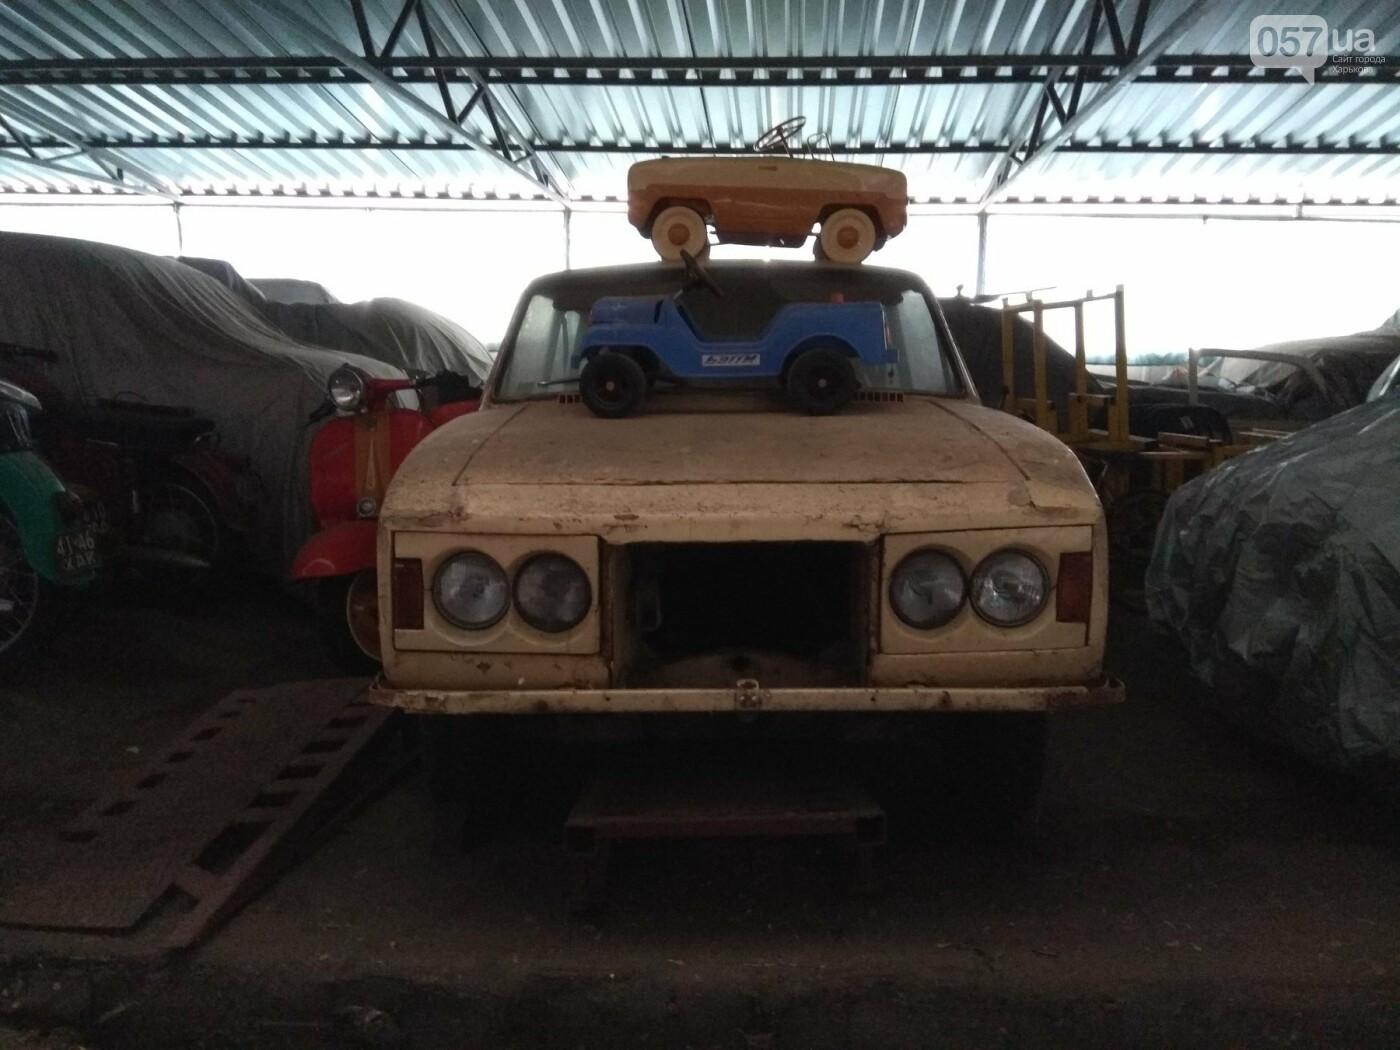 «Buick» Буденного и самодельные машины: как харьковчанин собрал коллекцию из 100 ретро-автомобилей, - ФОТО, фото-21